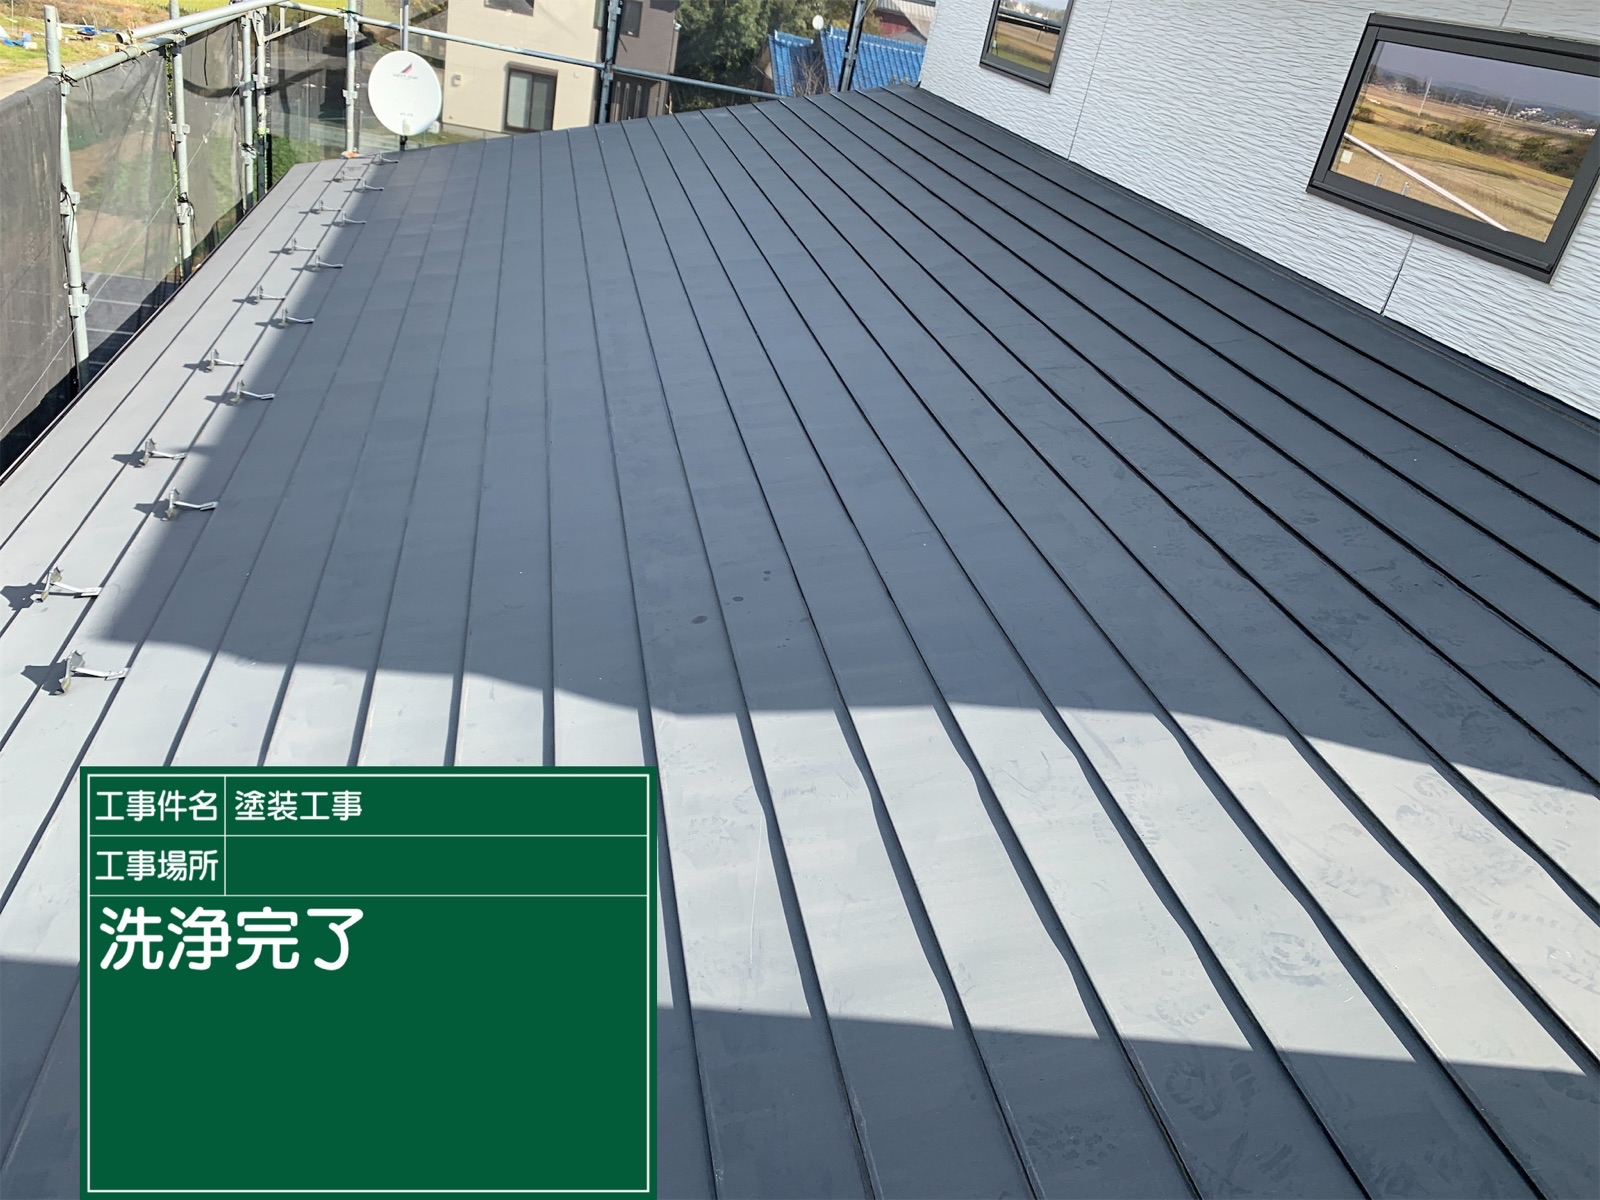 高圧洗浄後屋根300017